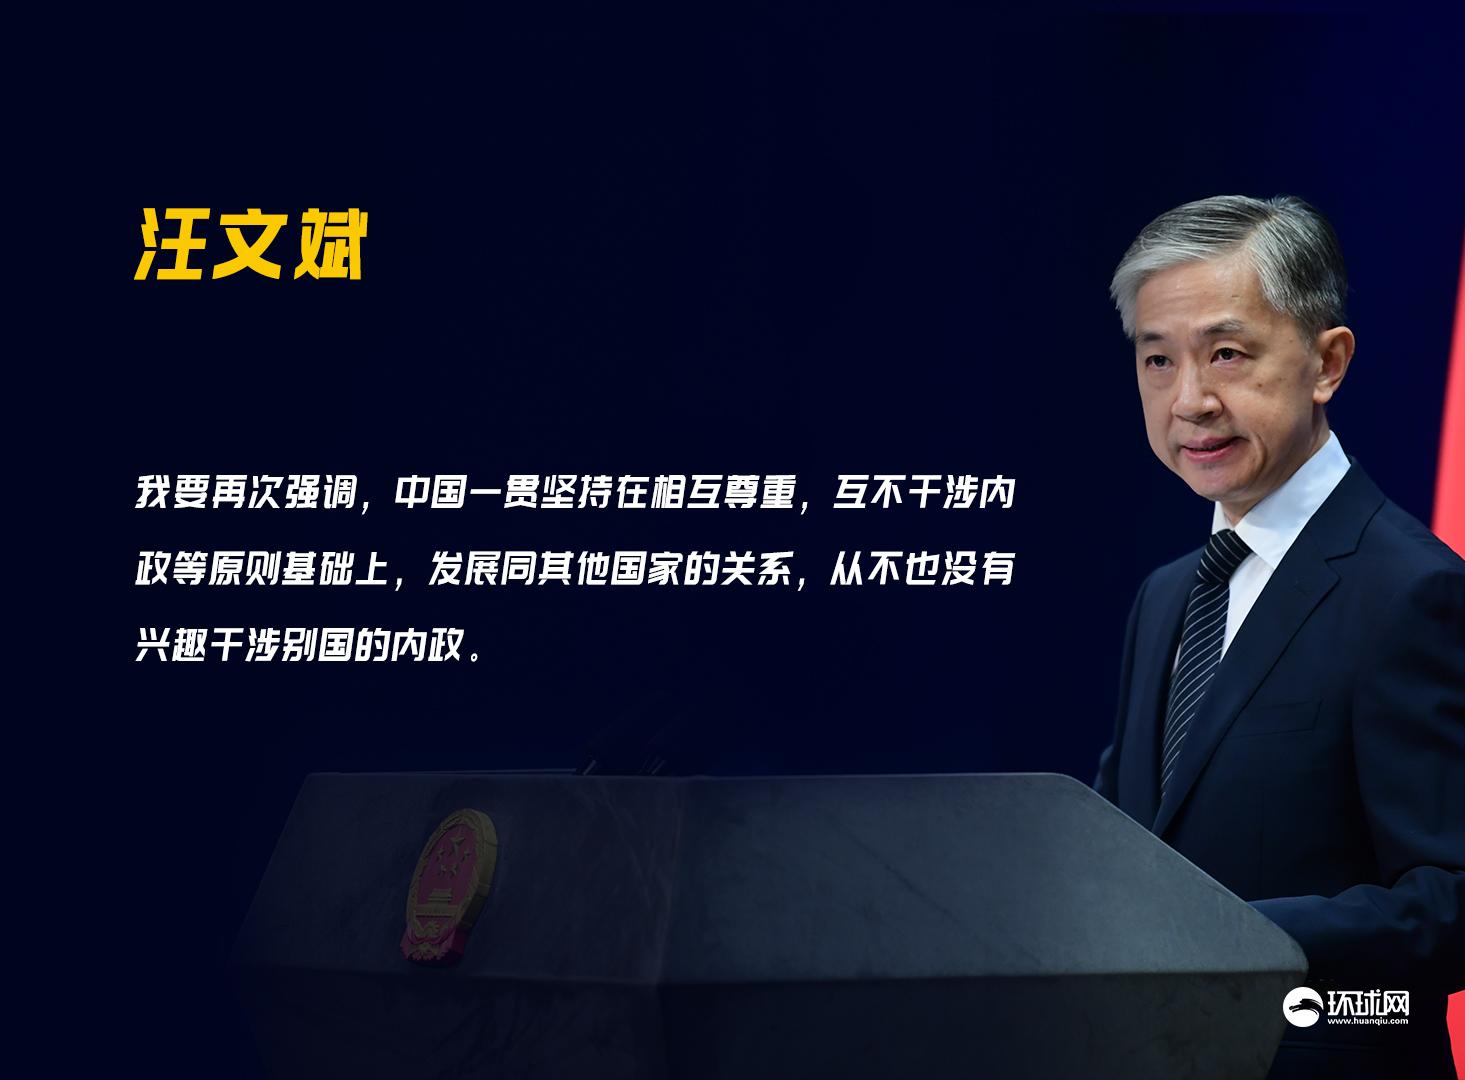 澳首次动用《反外国干预法》起诉华人社团首脑,汪文斌:中国从不也没兴趣过问别国内政 第1张